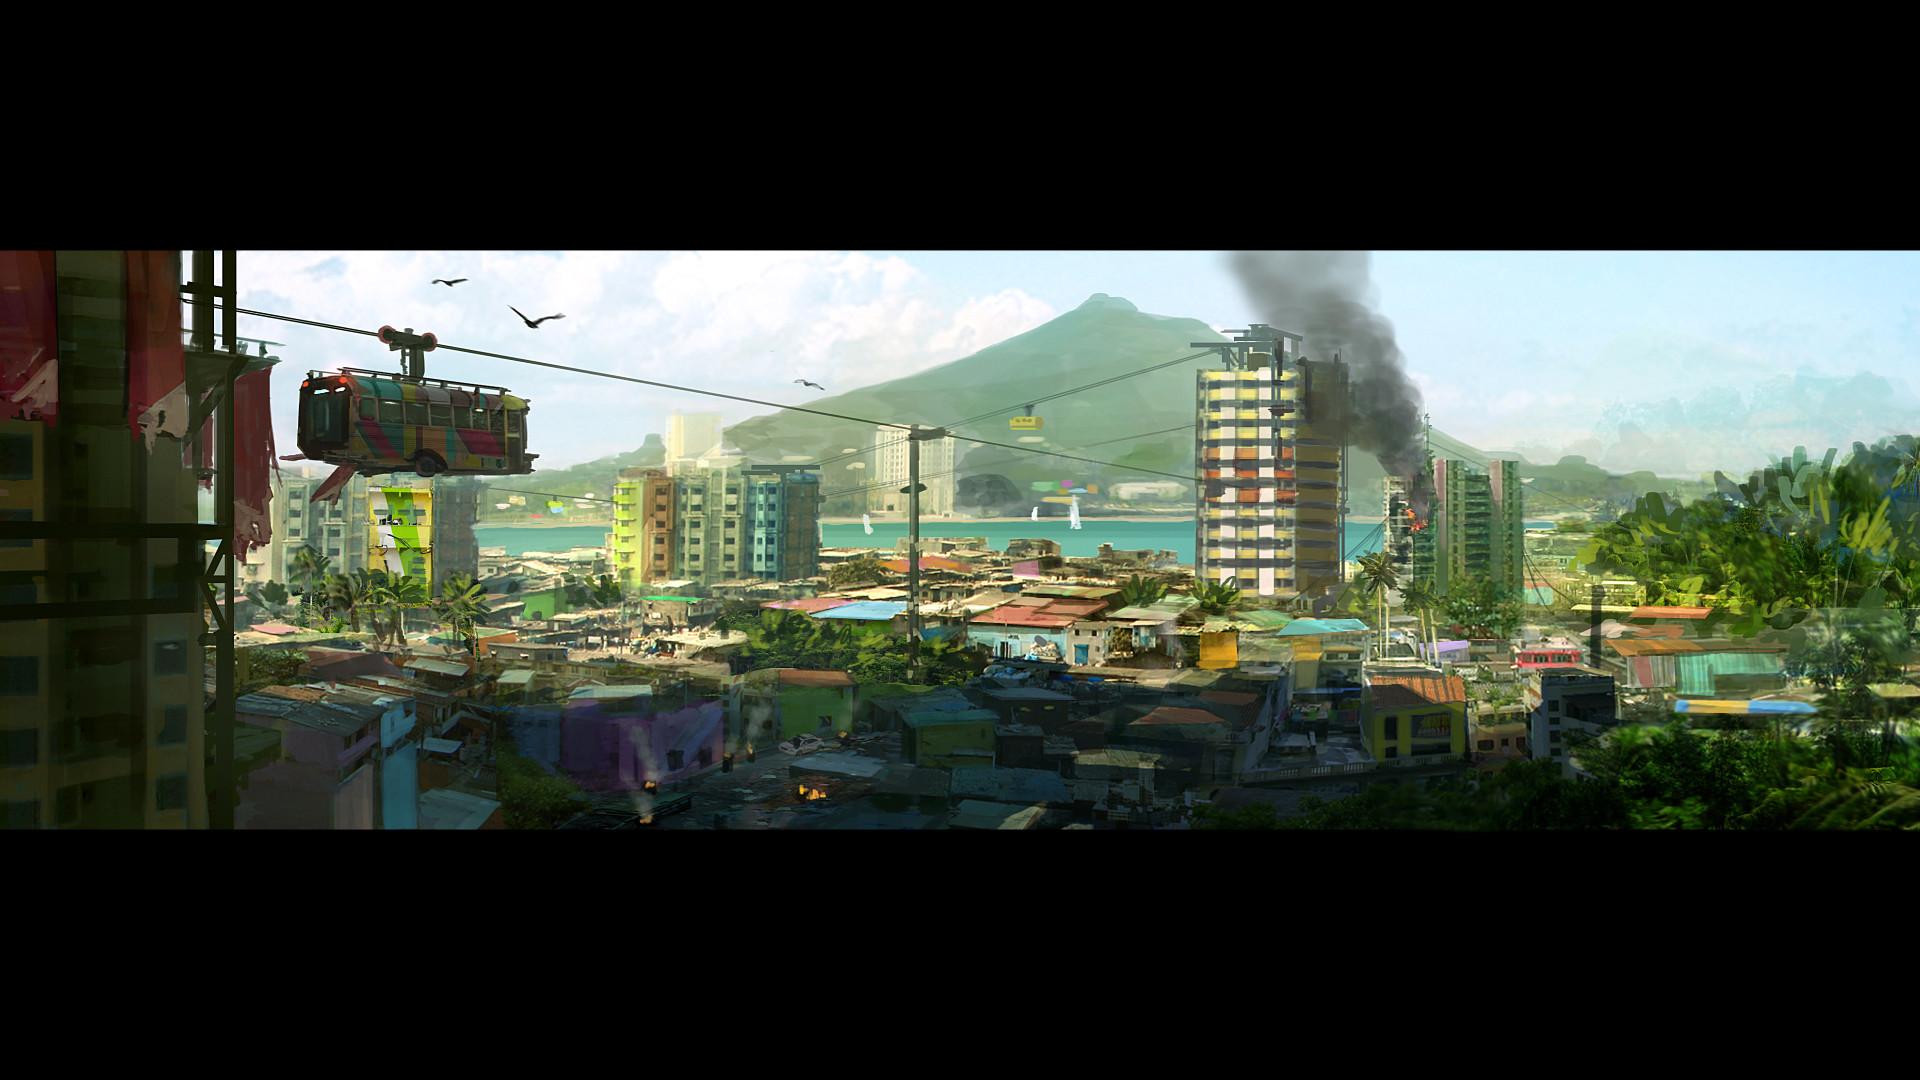 Brian yam enc enclaveconcept day